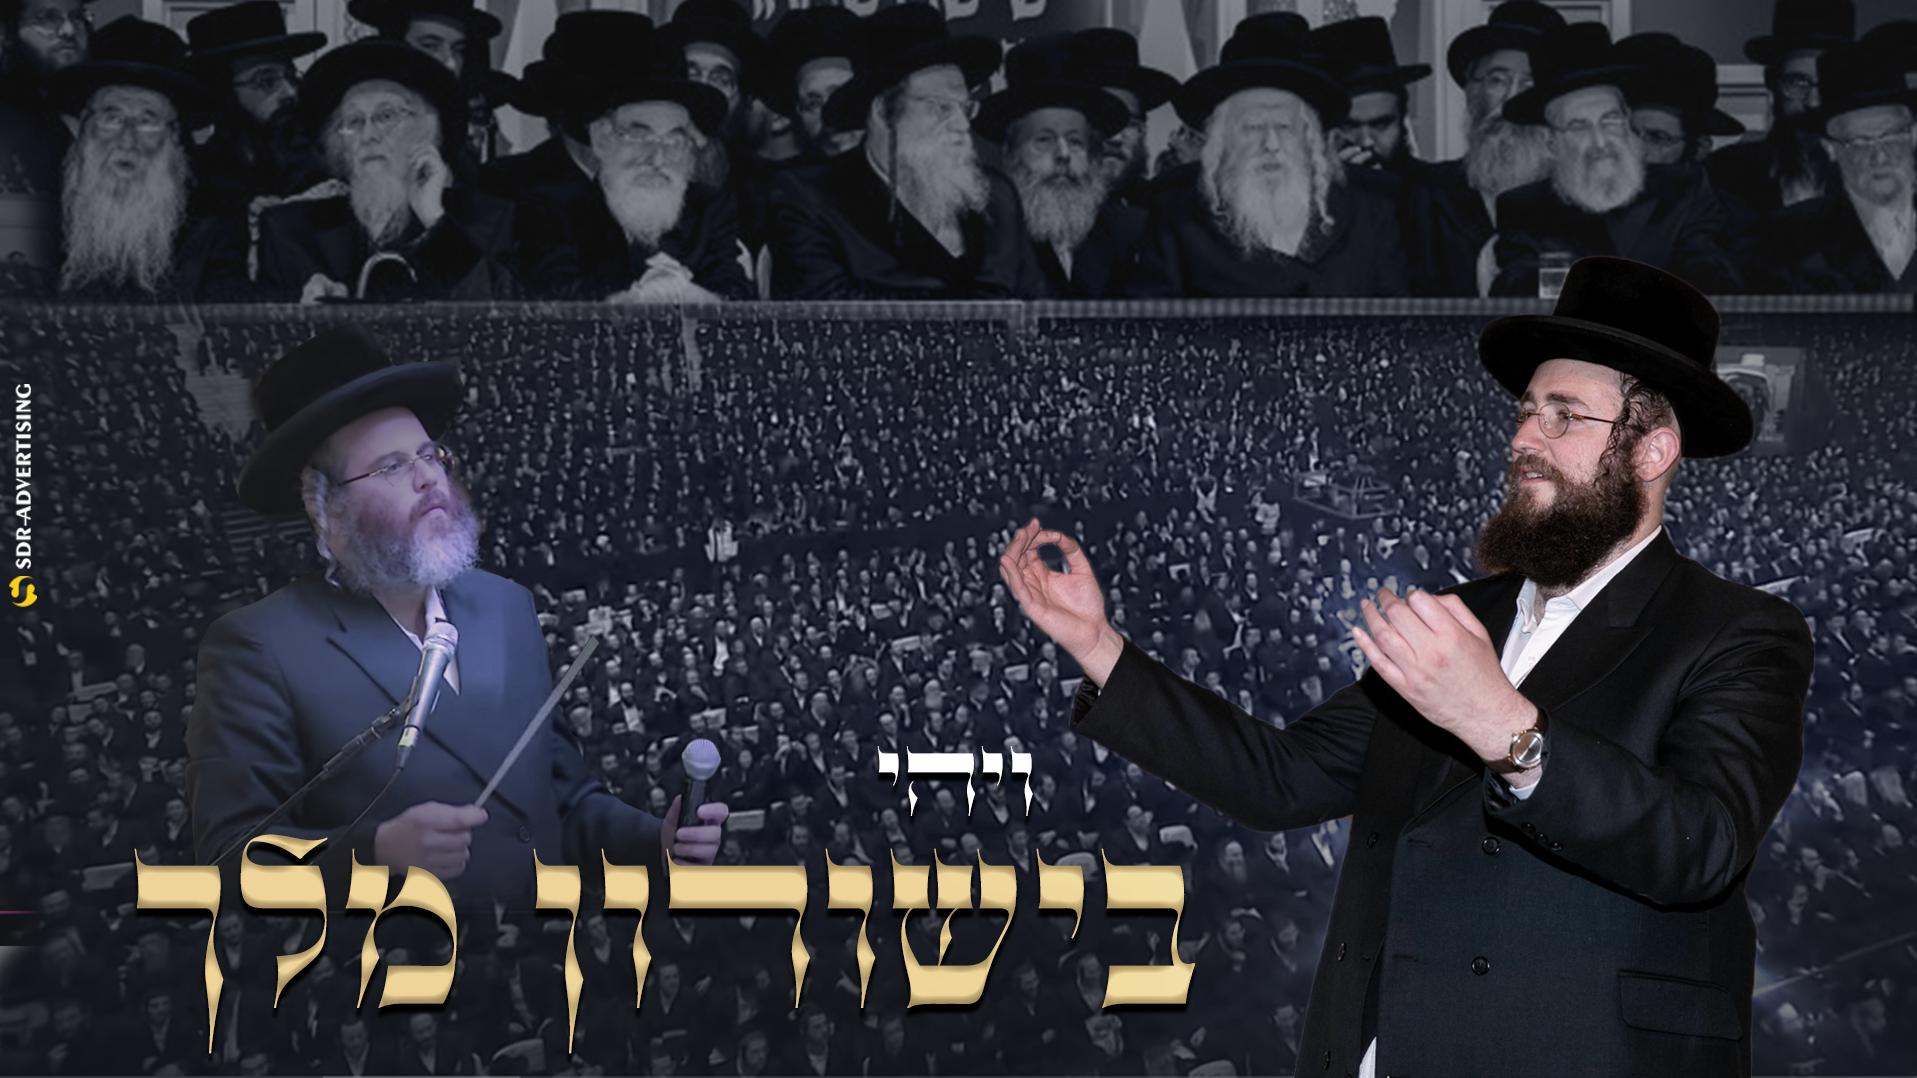 פנחס ביכלר ודודי קאליש מגישים: 'ויהי בישורון מלך' 11